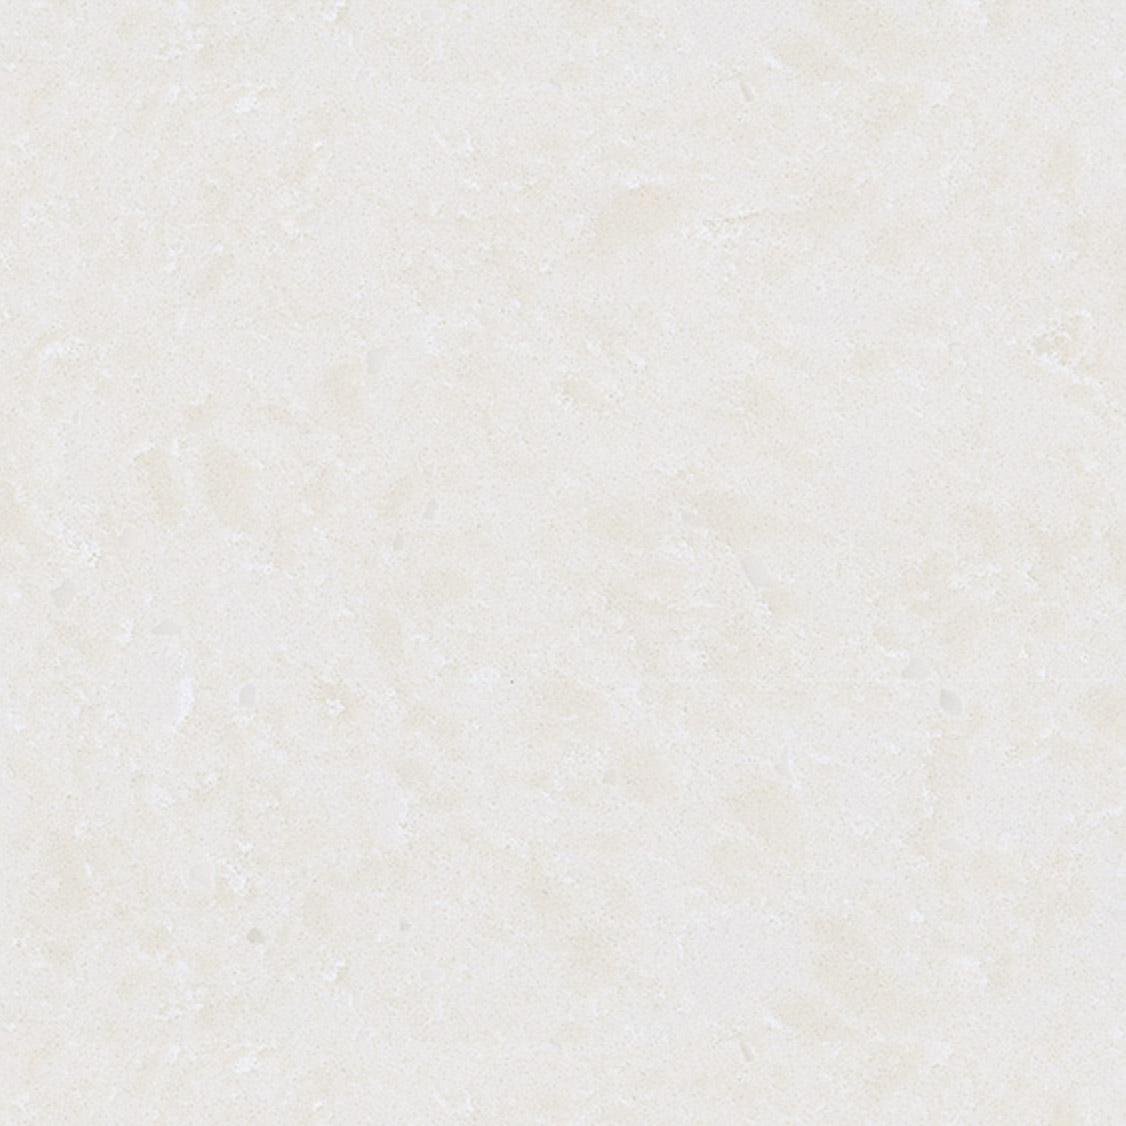 Blanco Piedra